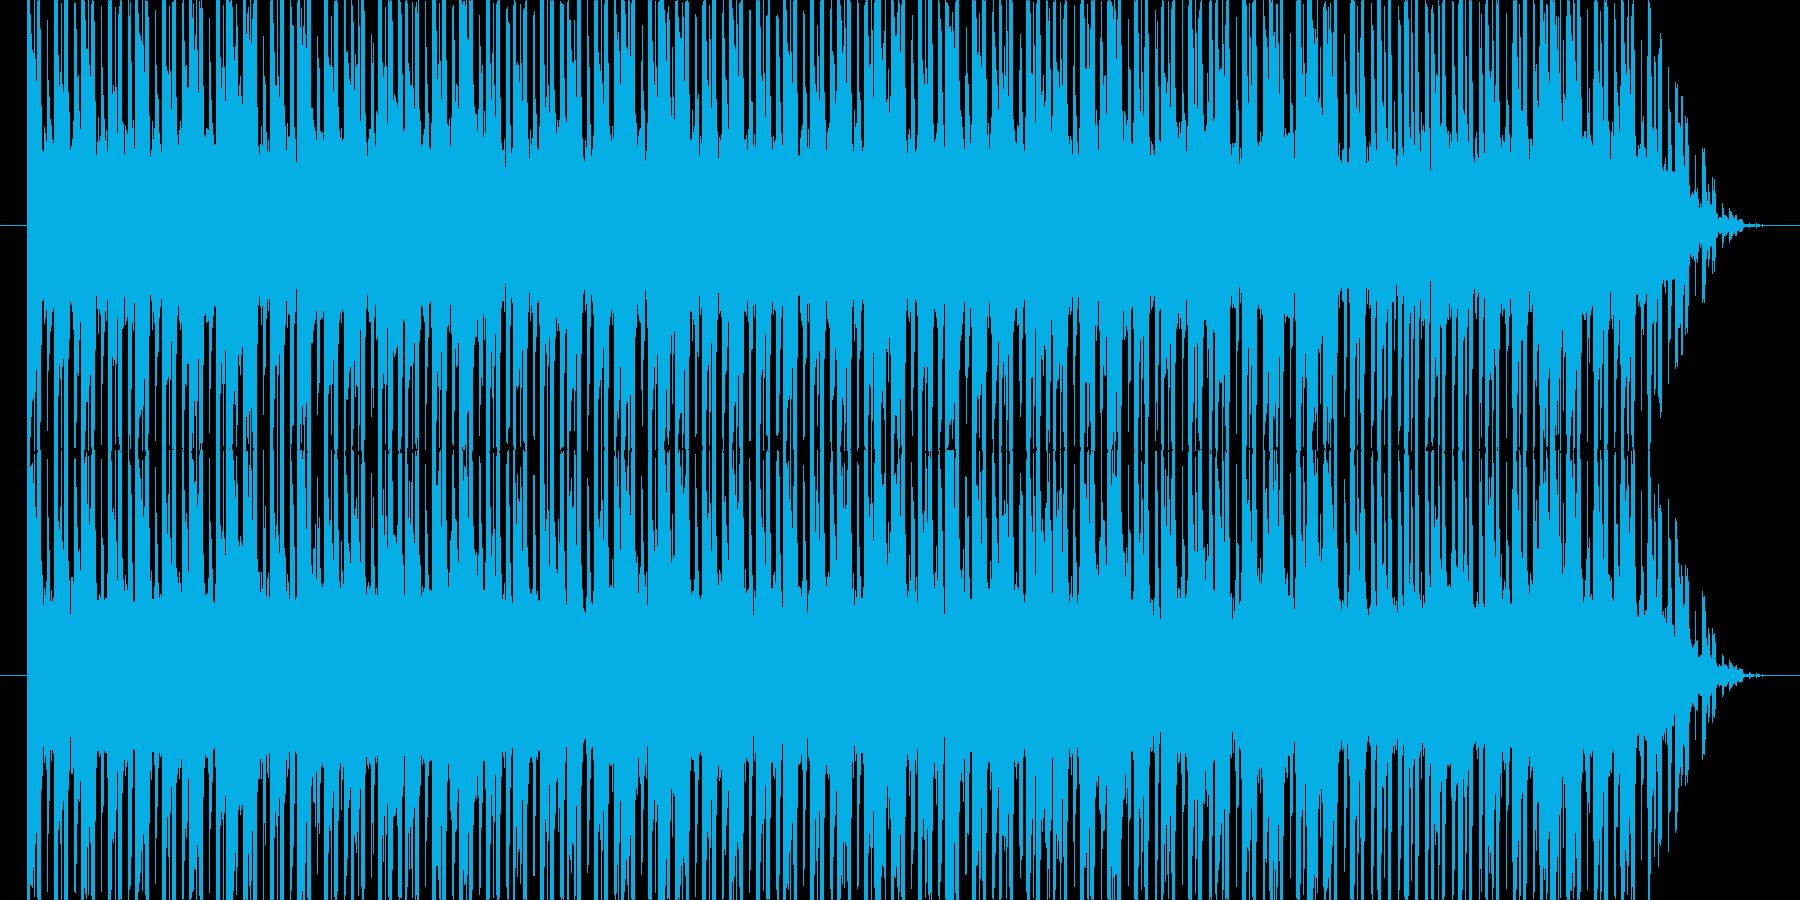 マニアックなコード進行で緊張感を演出の再生済みの波形